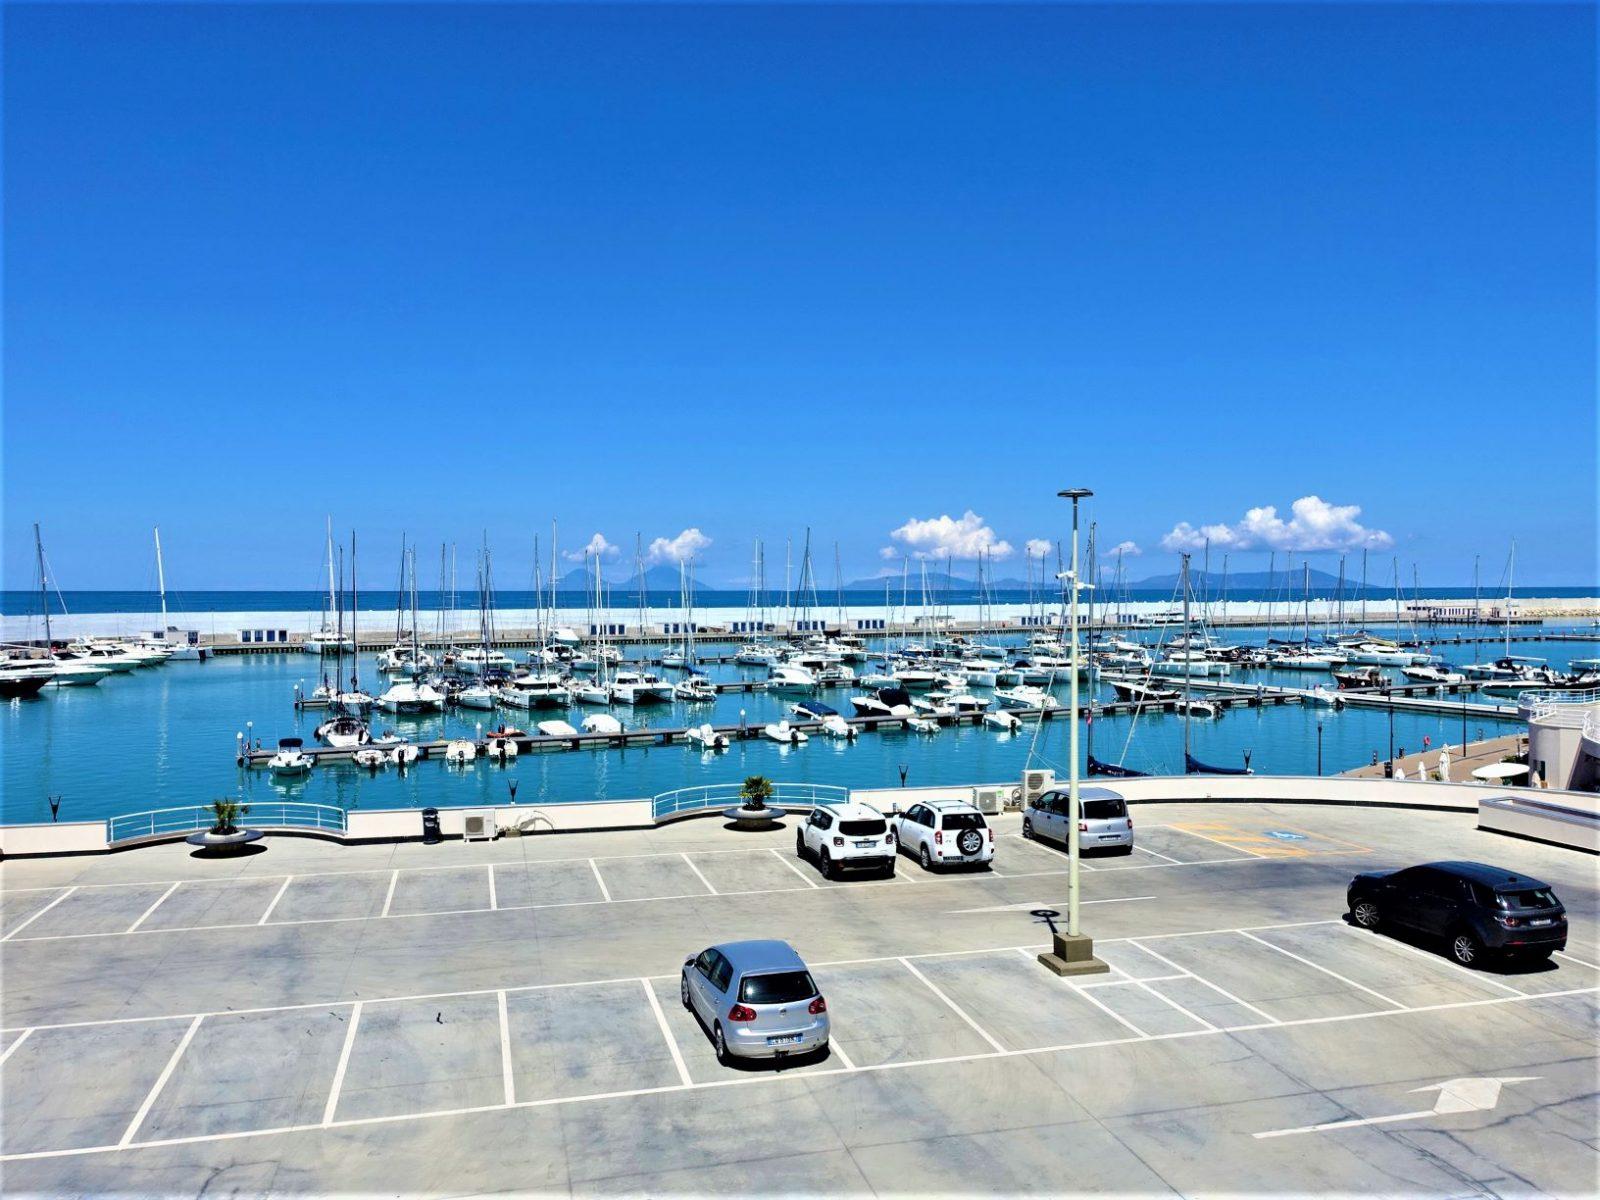 marina på Sicilia nord på øya